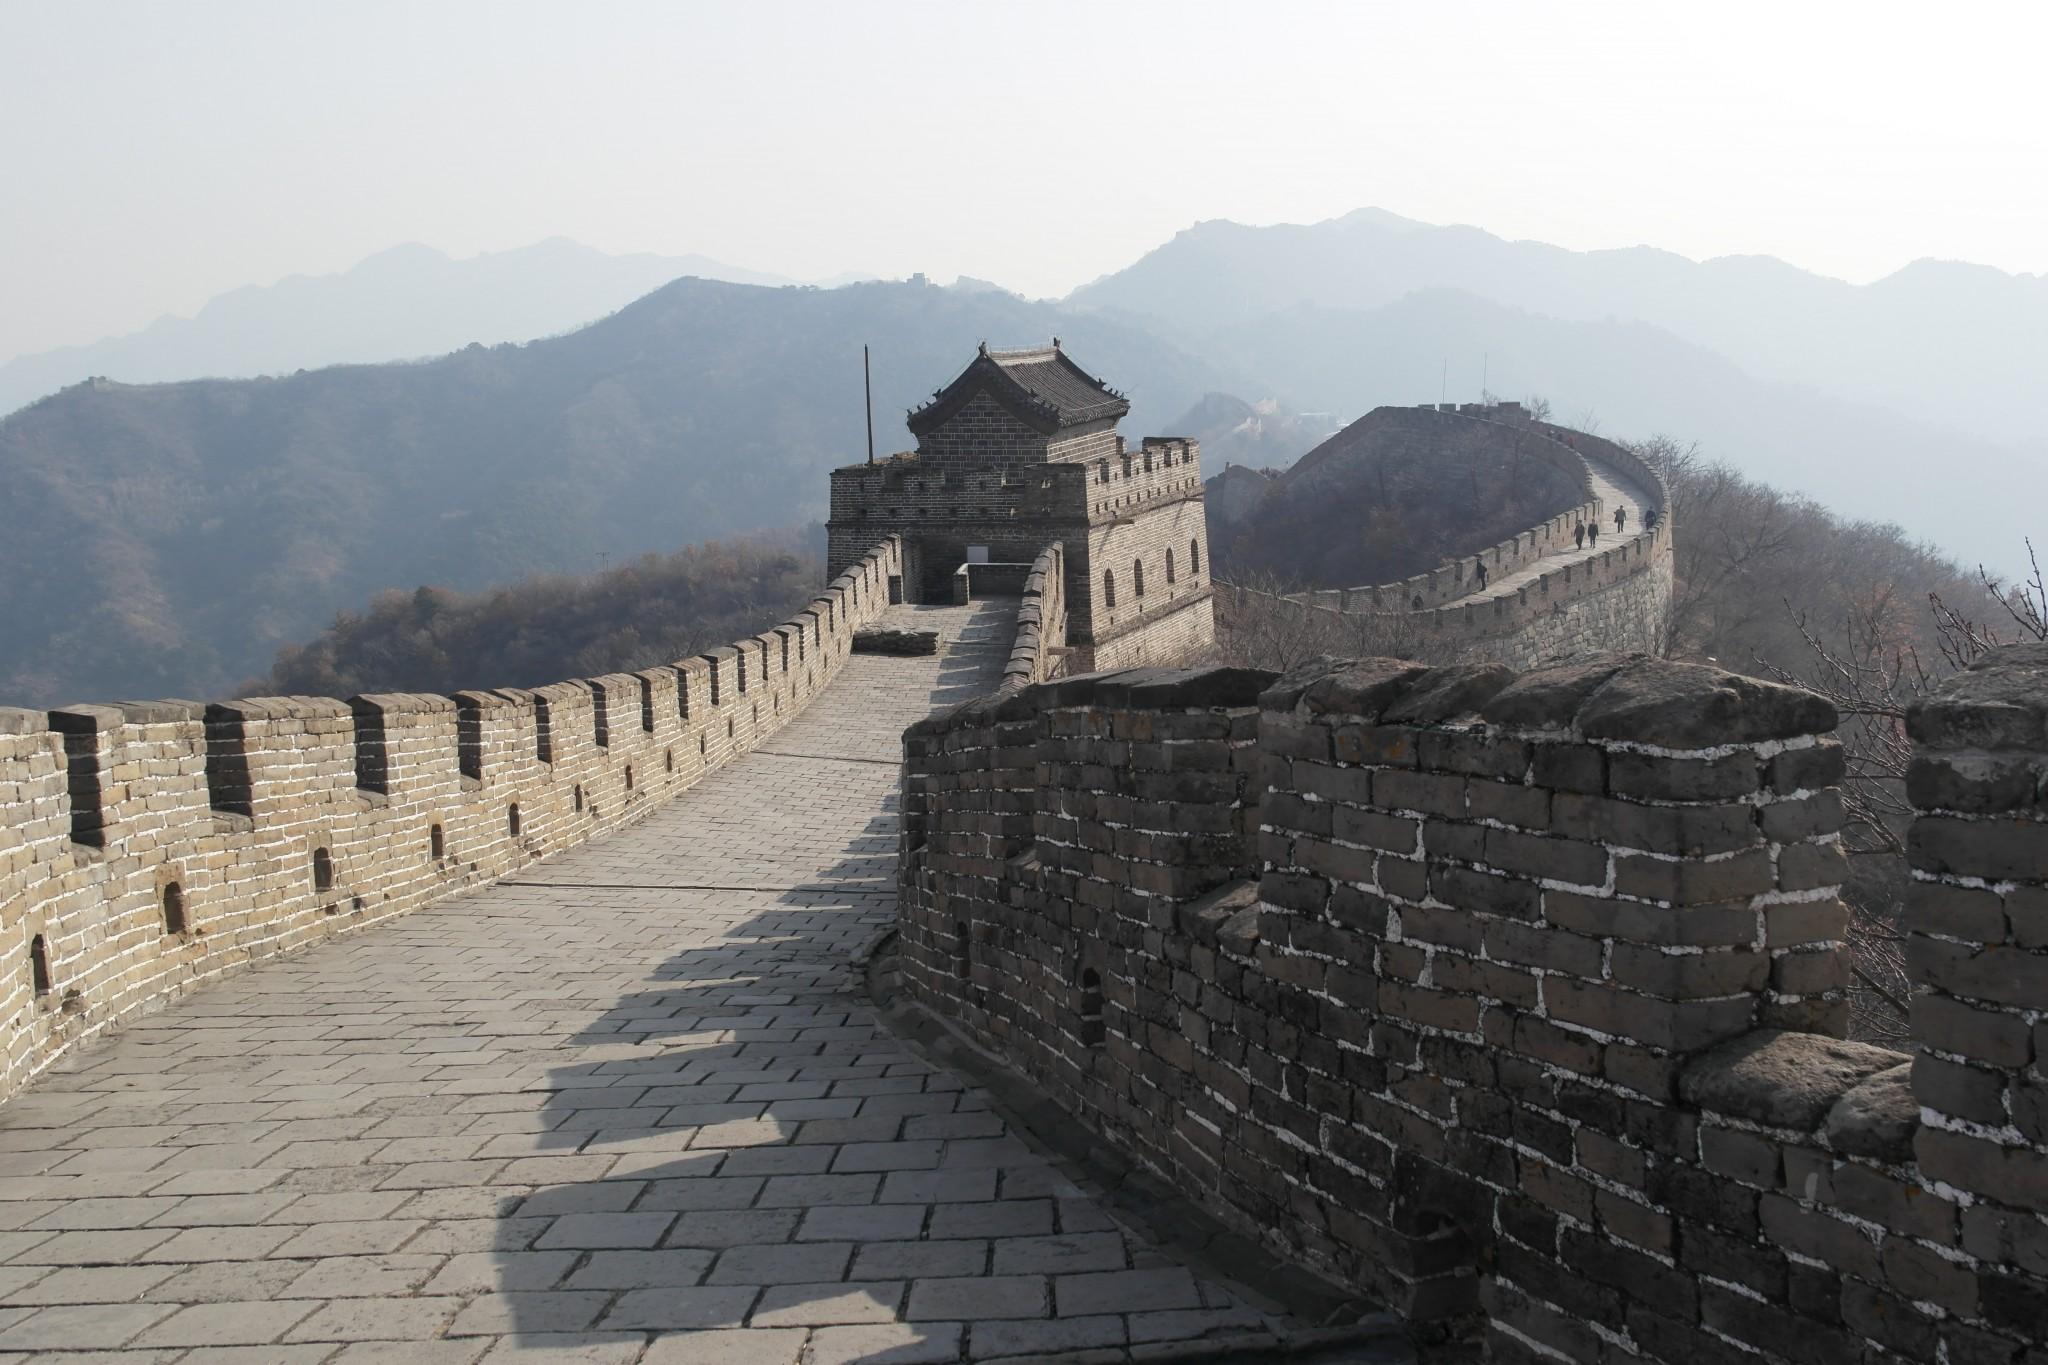 Kina krok upp